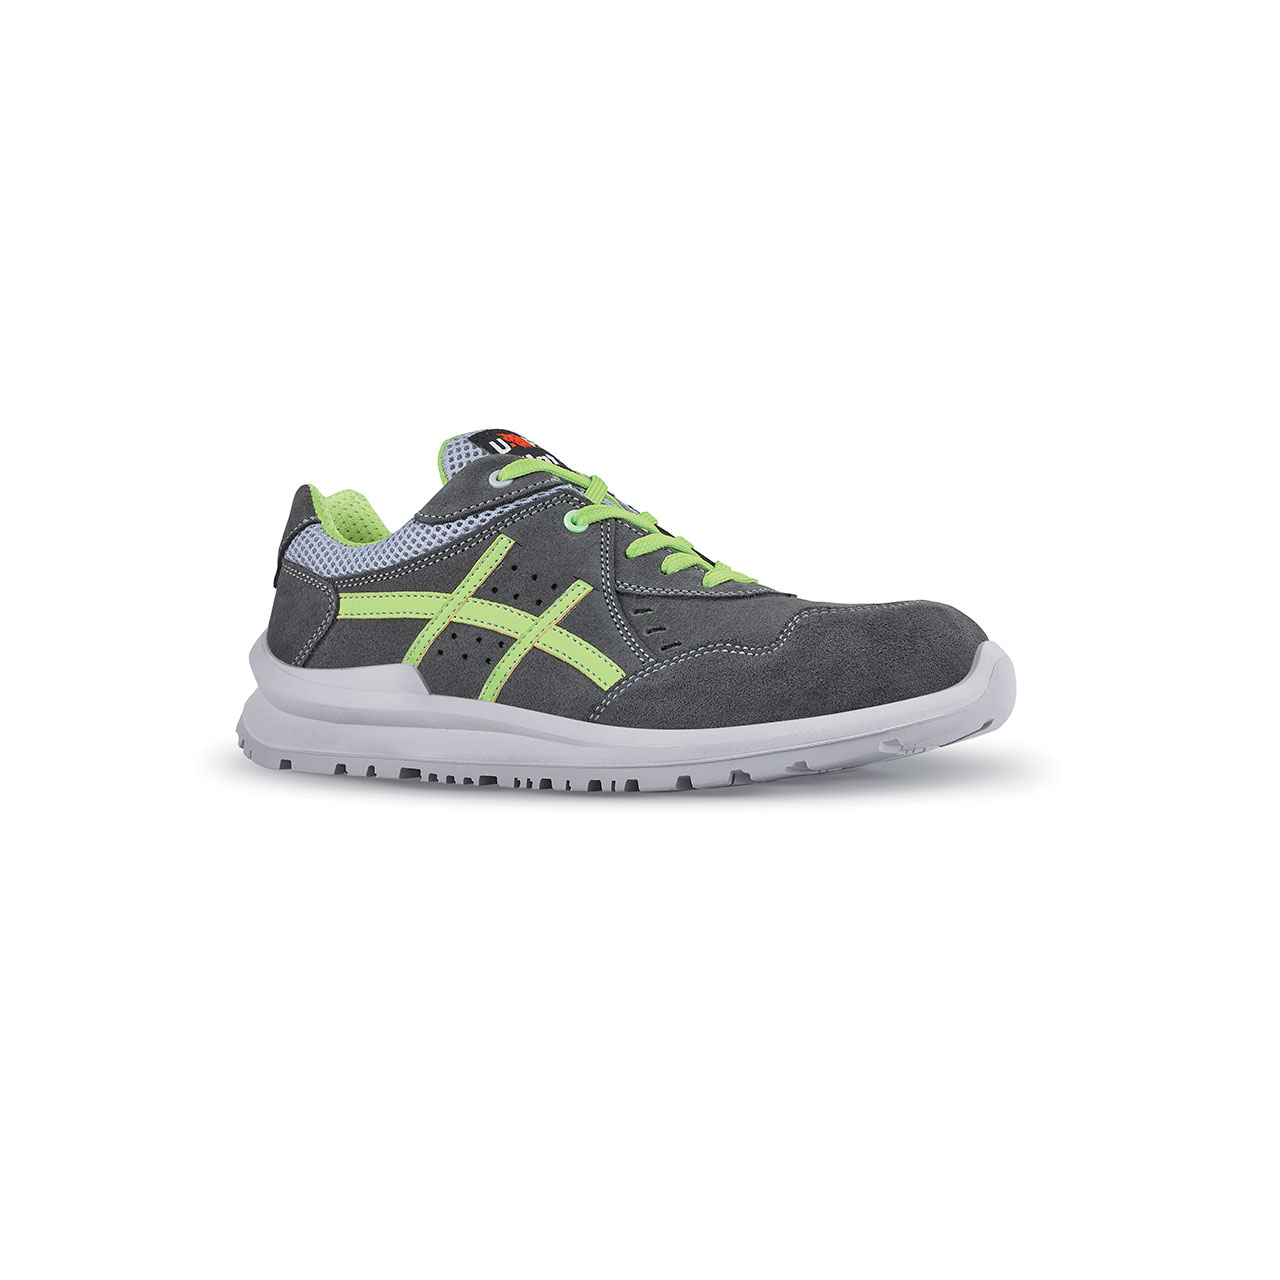 scarpa antinfortunistica upower modello kimi linea flatout vista laterale